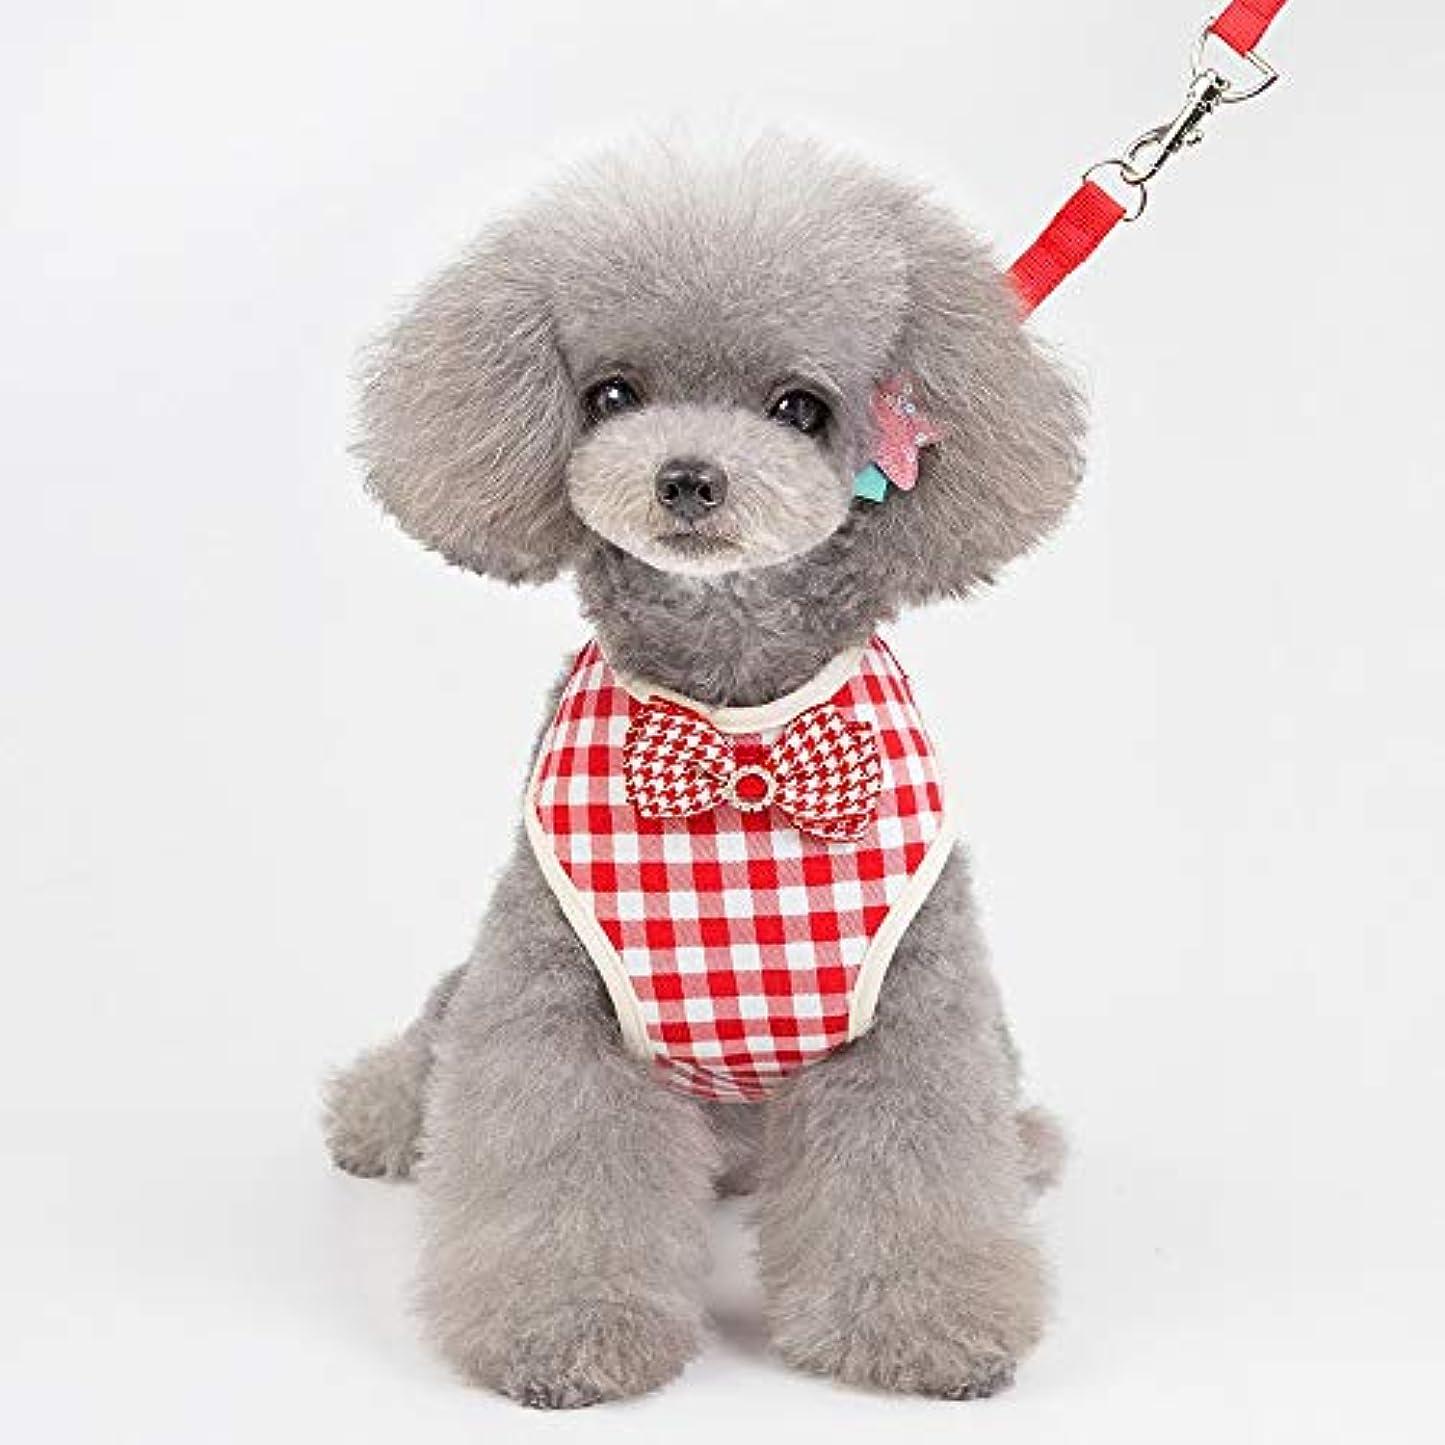 シリング亜熱帯ペイントVIOAPLEM ペットの犬ハーネスリーシュペットハーネス機能的カジュアル春と夏のハーネス大きな格子 (Color : Red, Size : L)